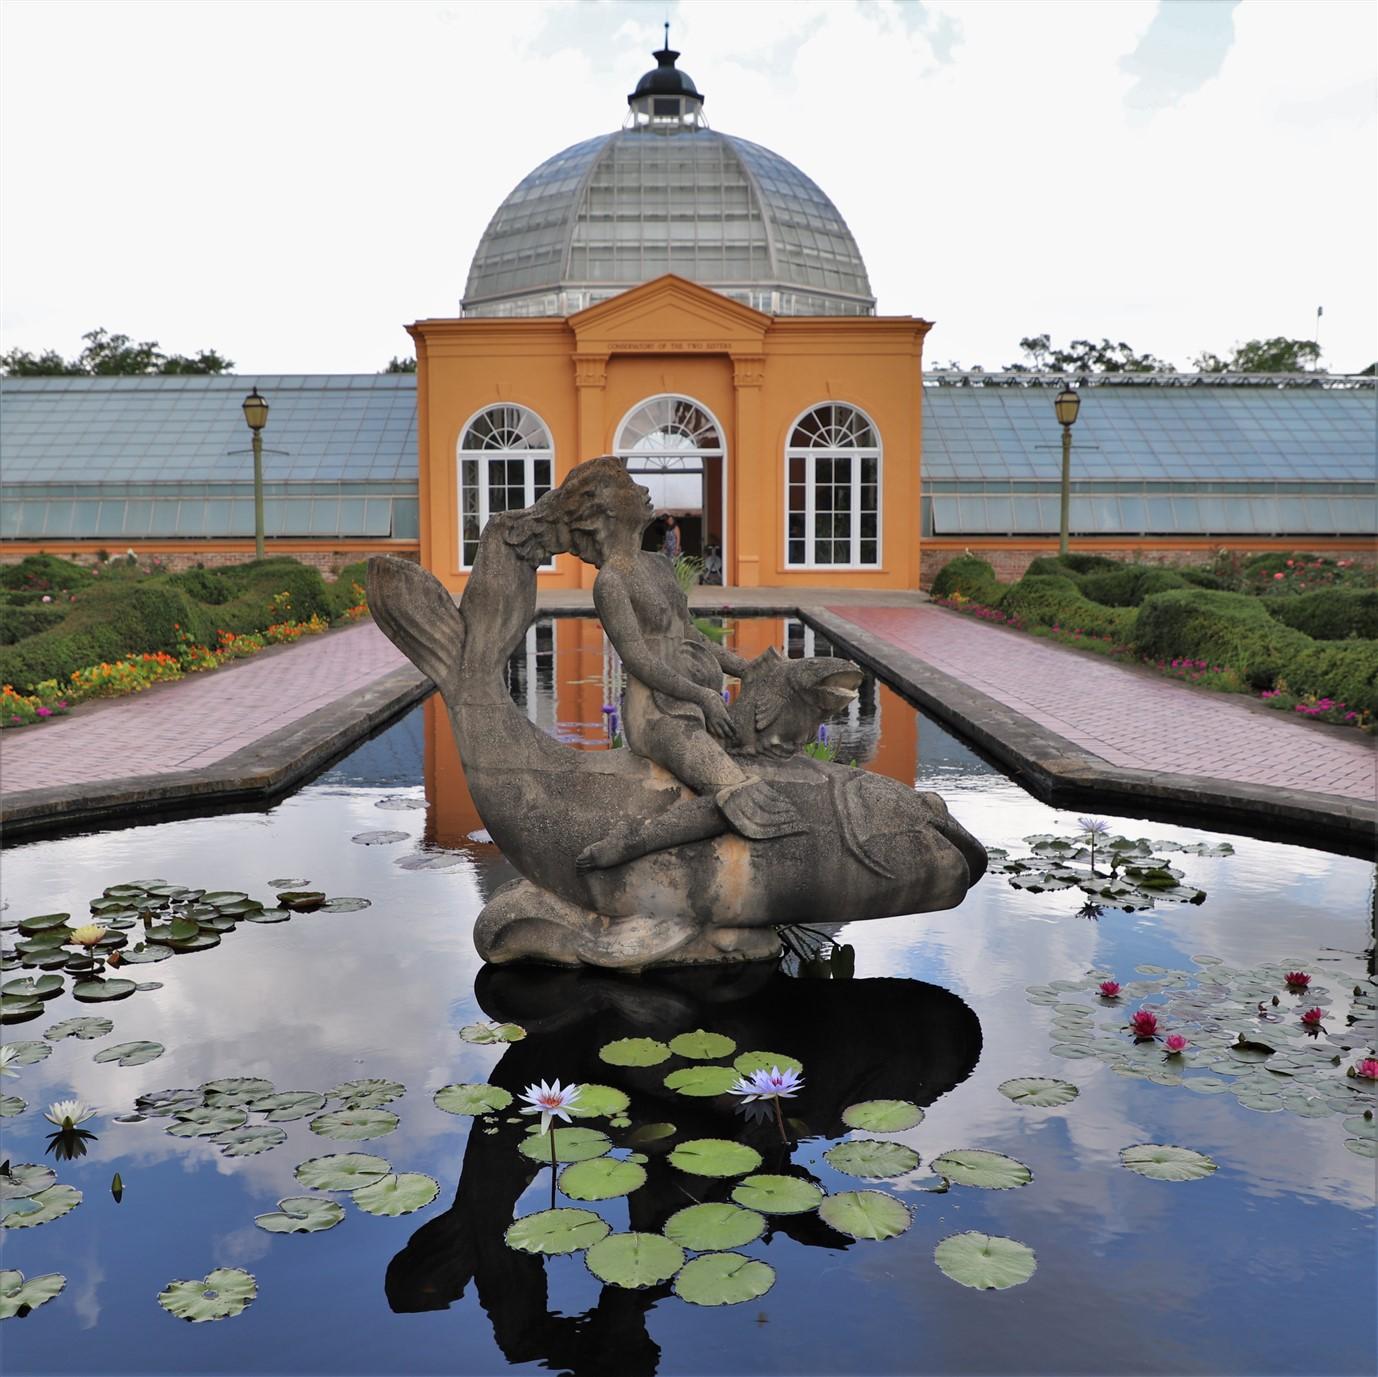 2019 05 18 162 New Orleans Botanical Gardens.jpg